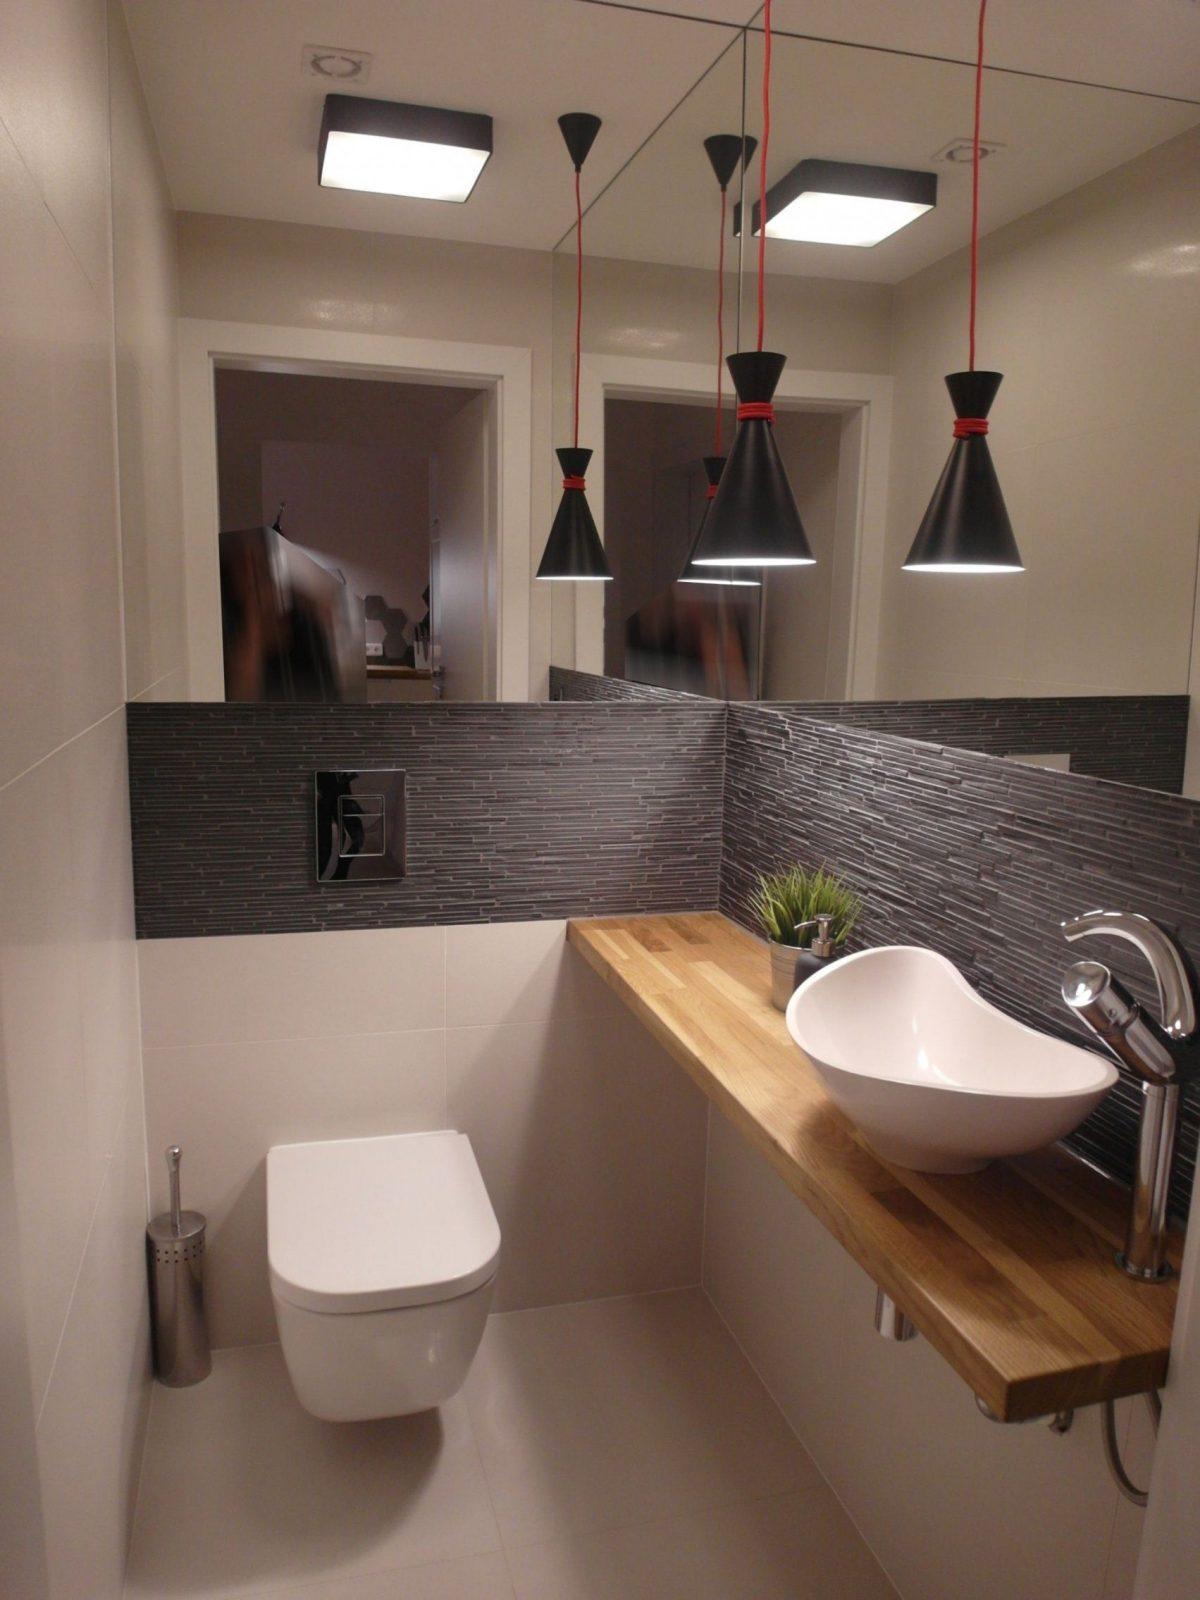 Bad Gäste Toilette Modern Wohnen Hausbau  Идеи Для Дома von Gäste Wc Ideen Modern Photo